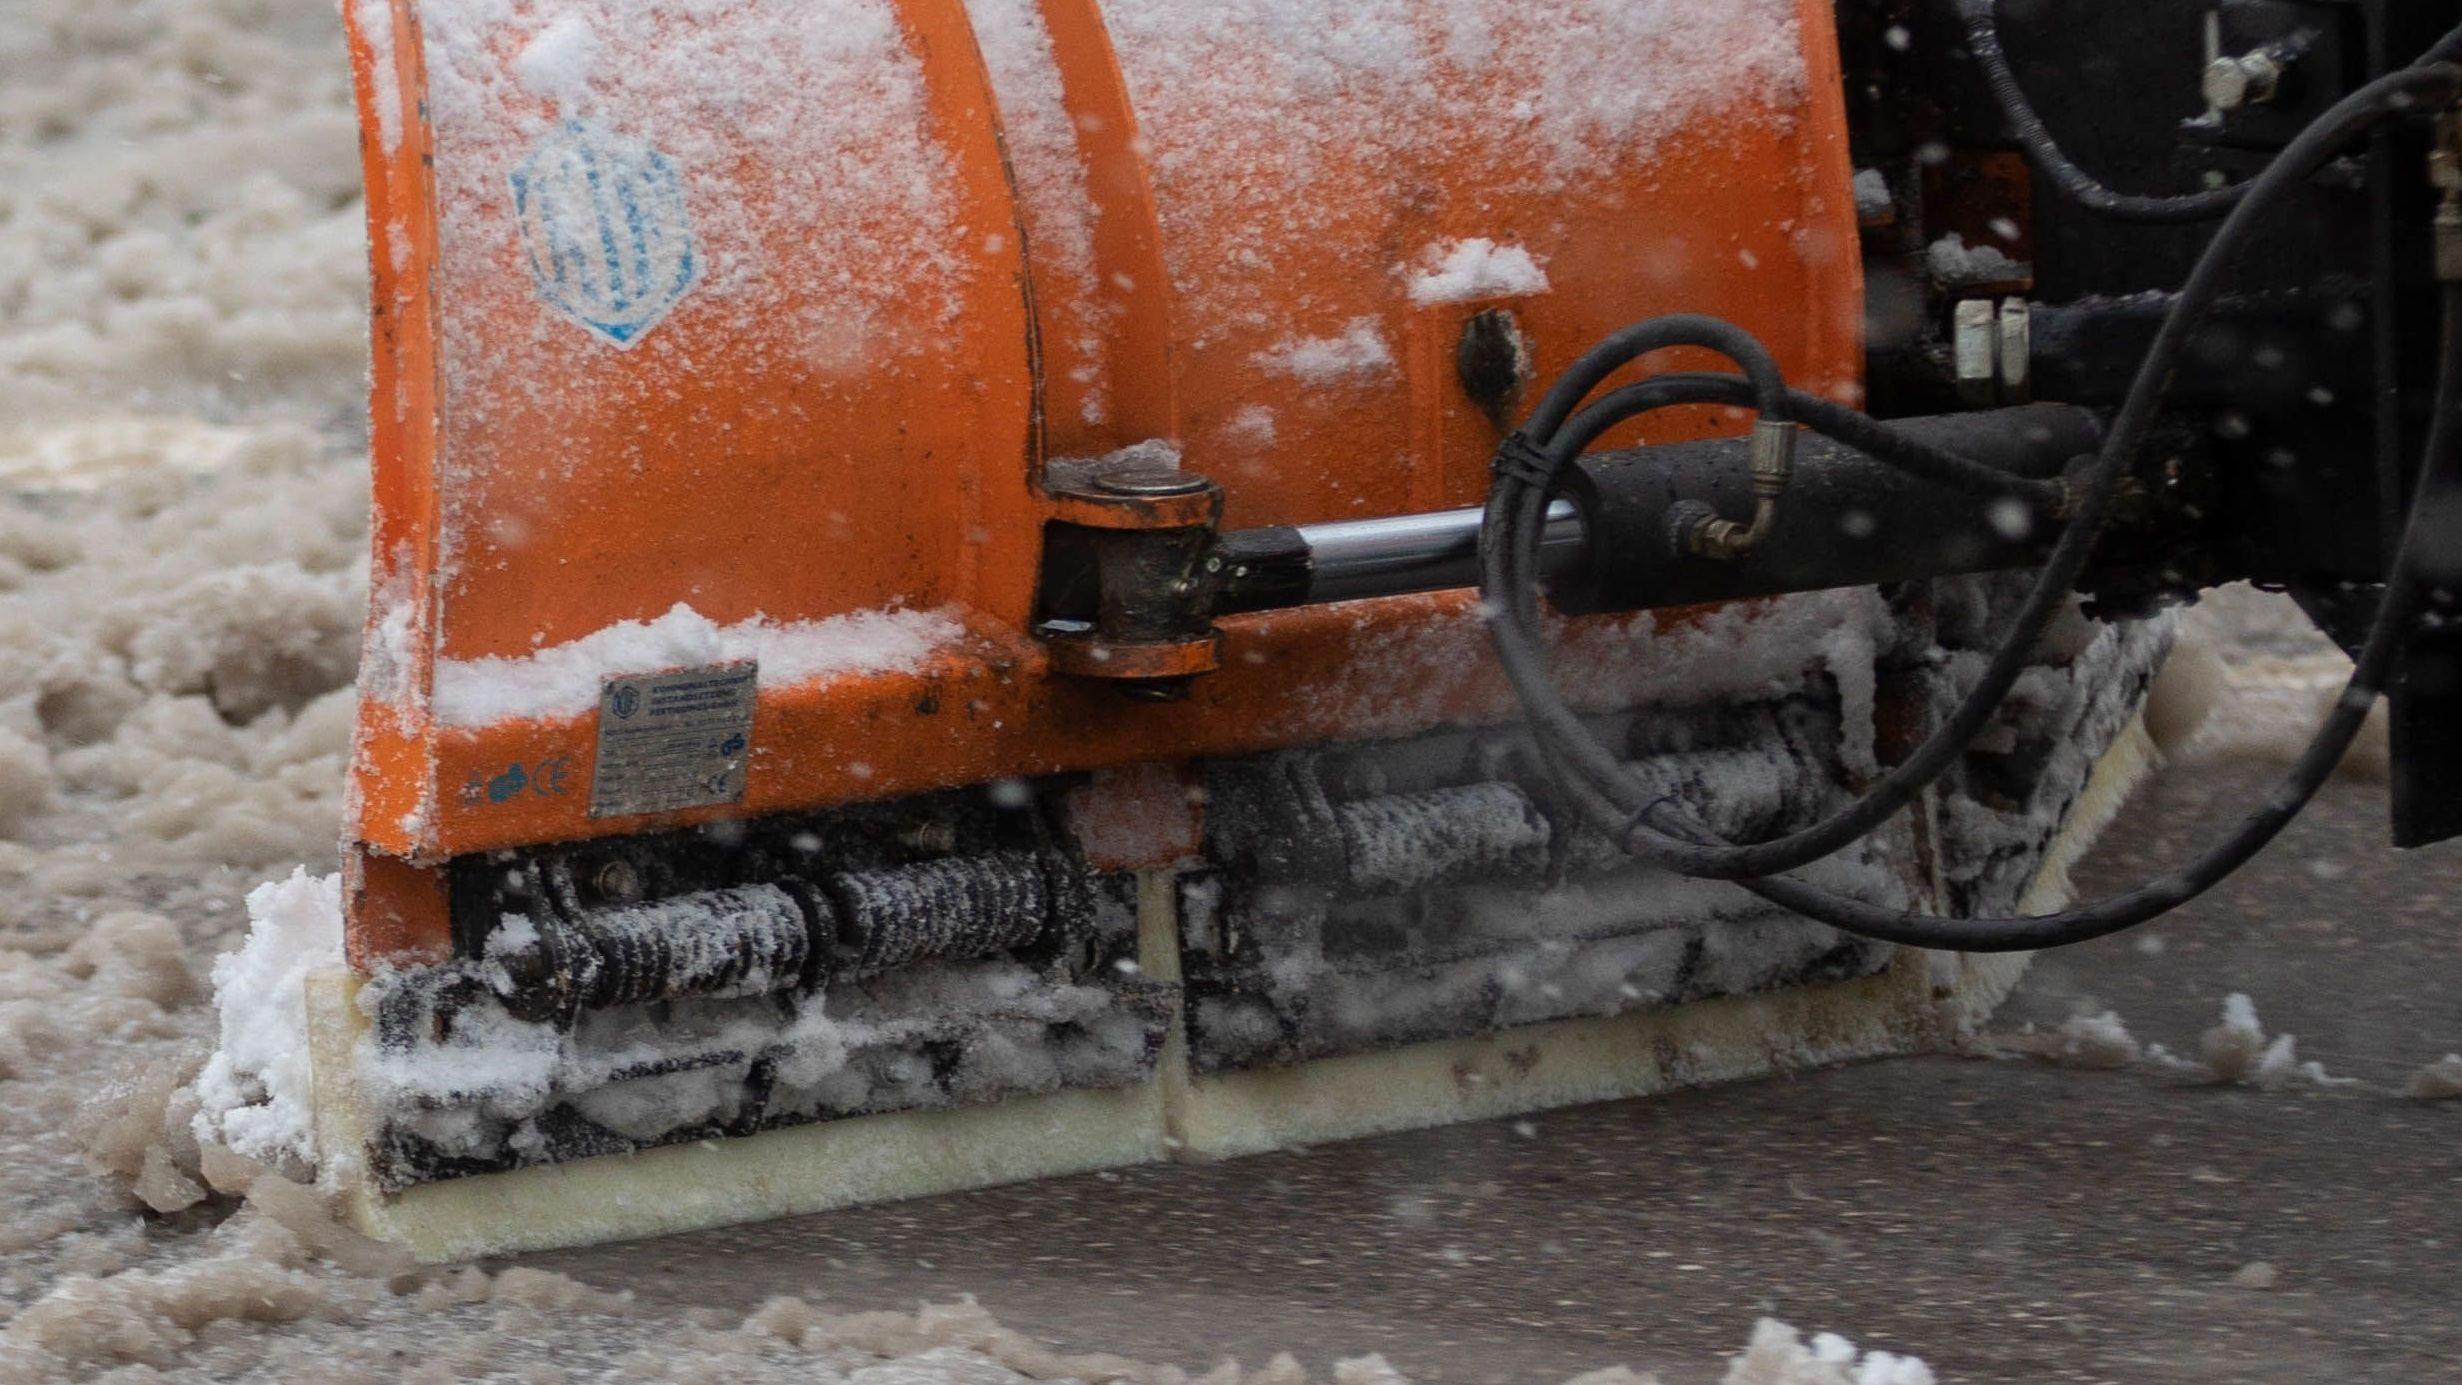 Der Winterdienst räumt die Straße.